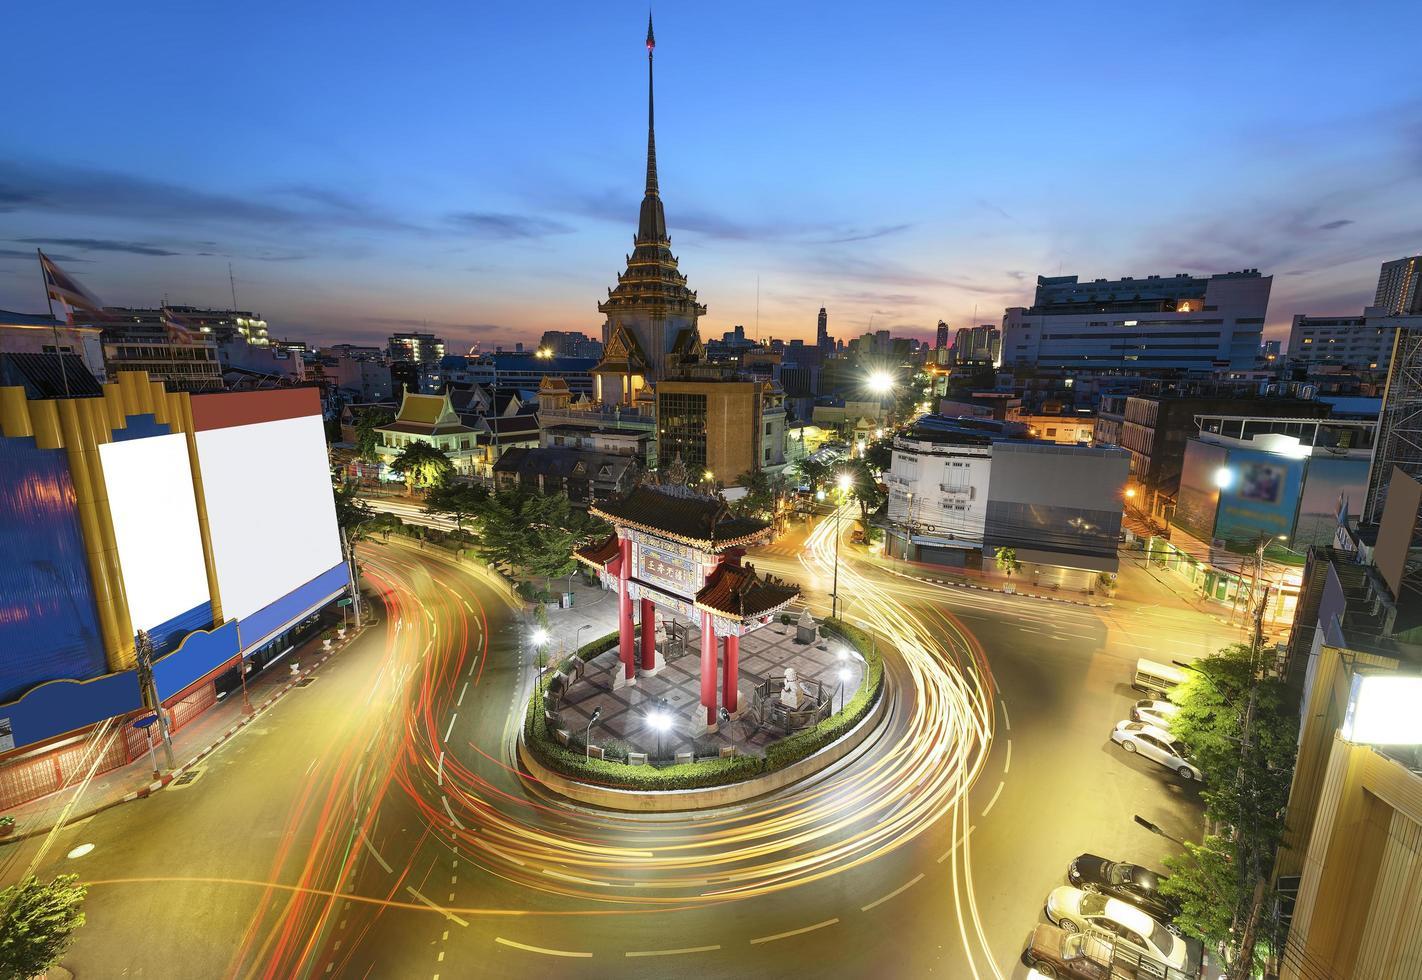 de poortboog en de tempel in bangkok, thailand foto